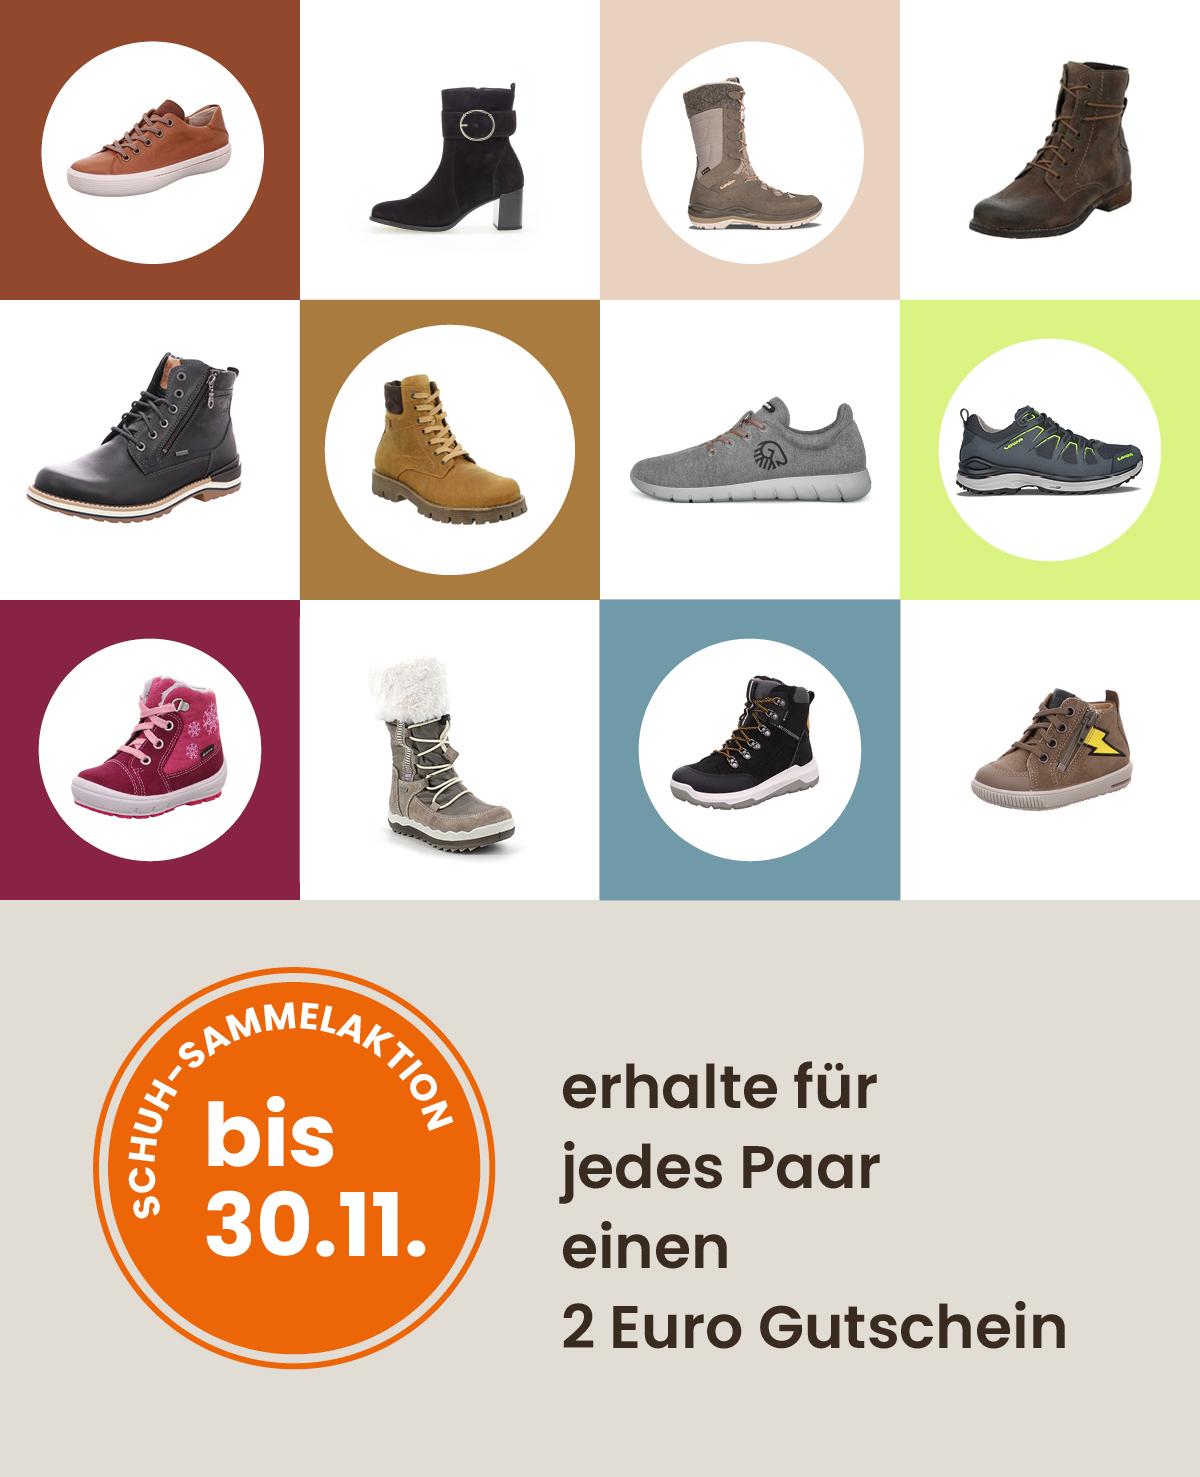 Schuhsammelaktion erhalte für jedes Paar einen 2 Euro Gutschein